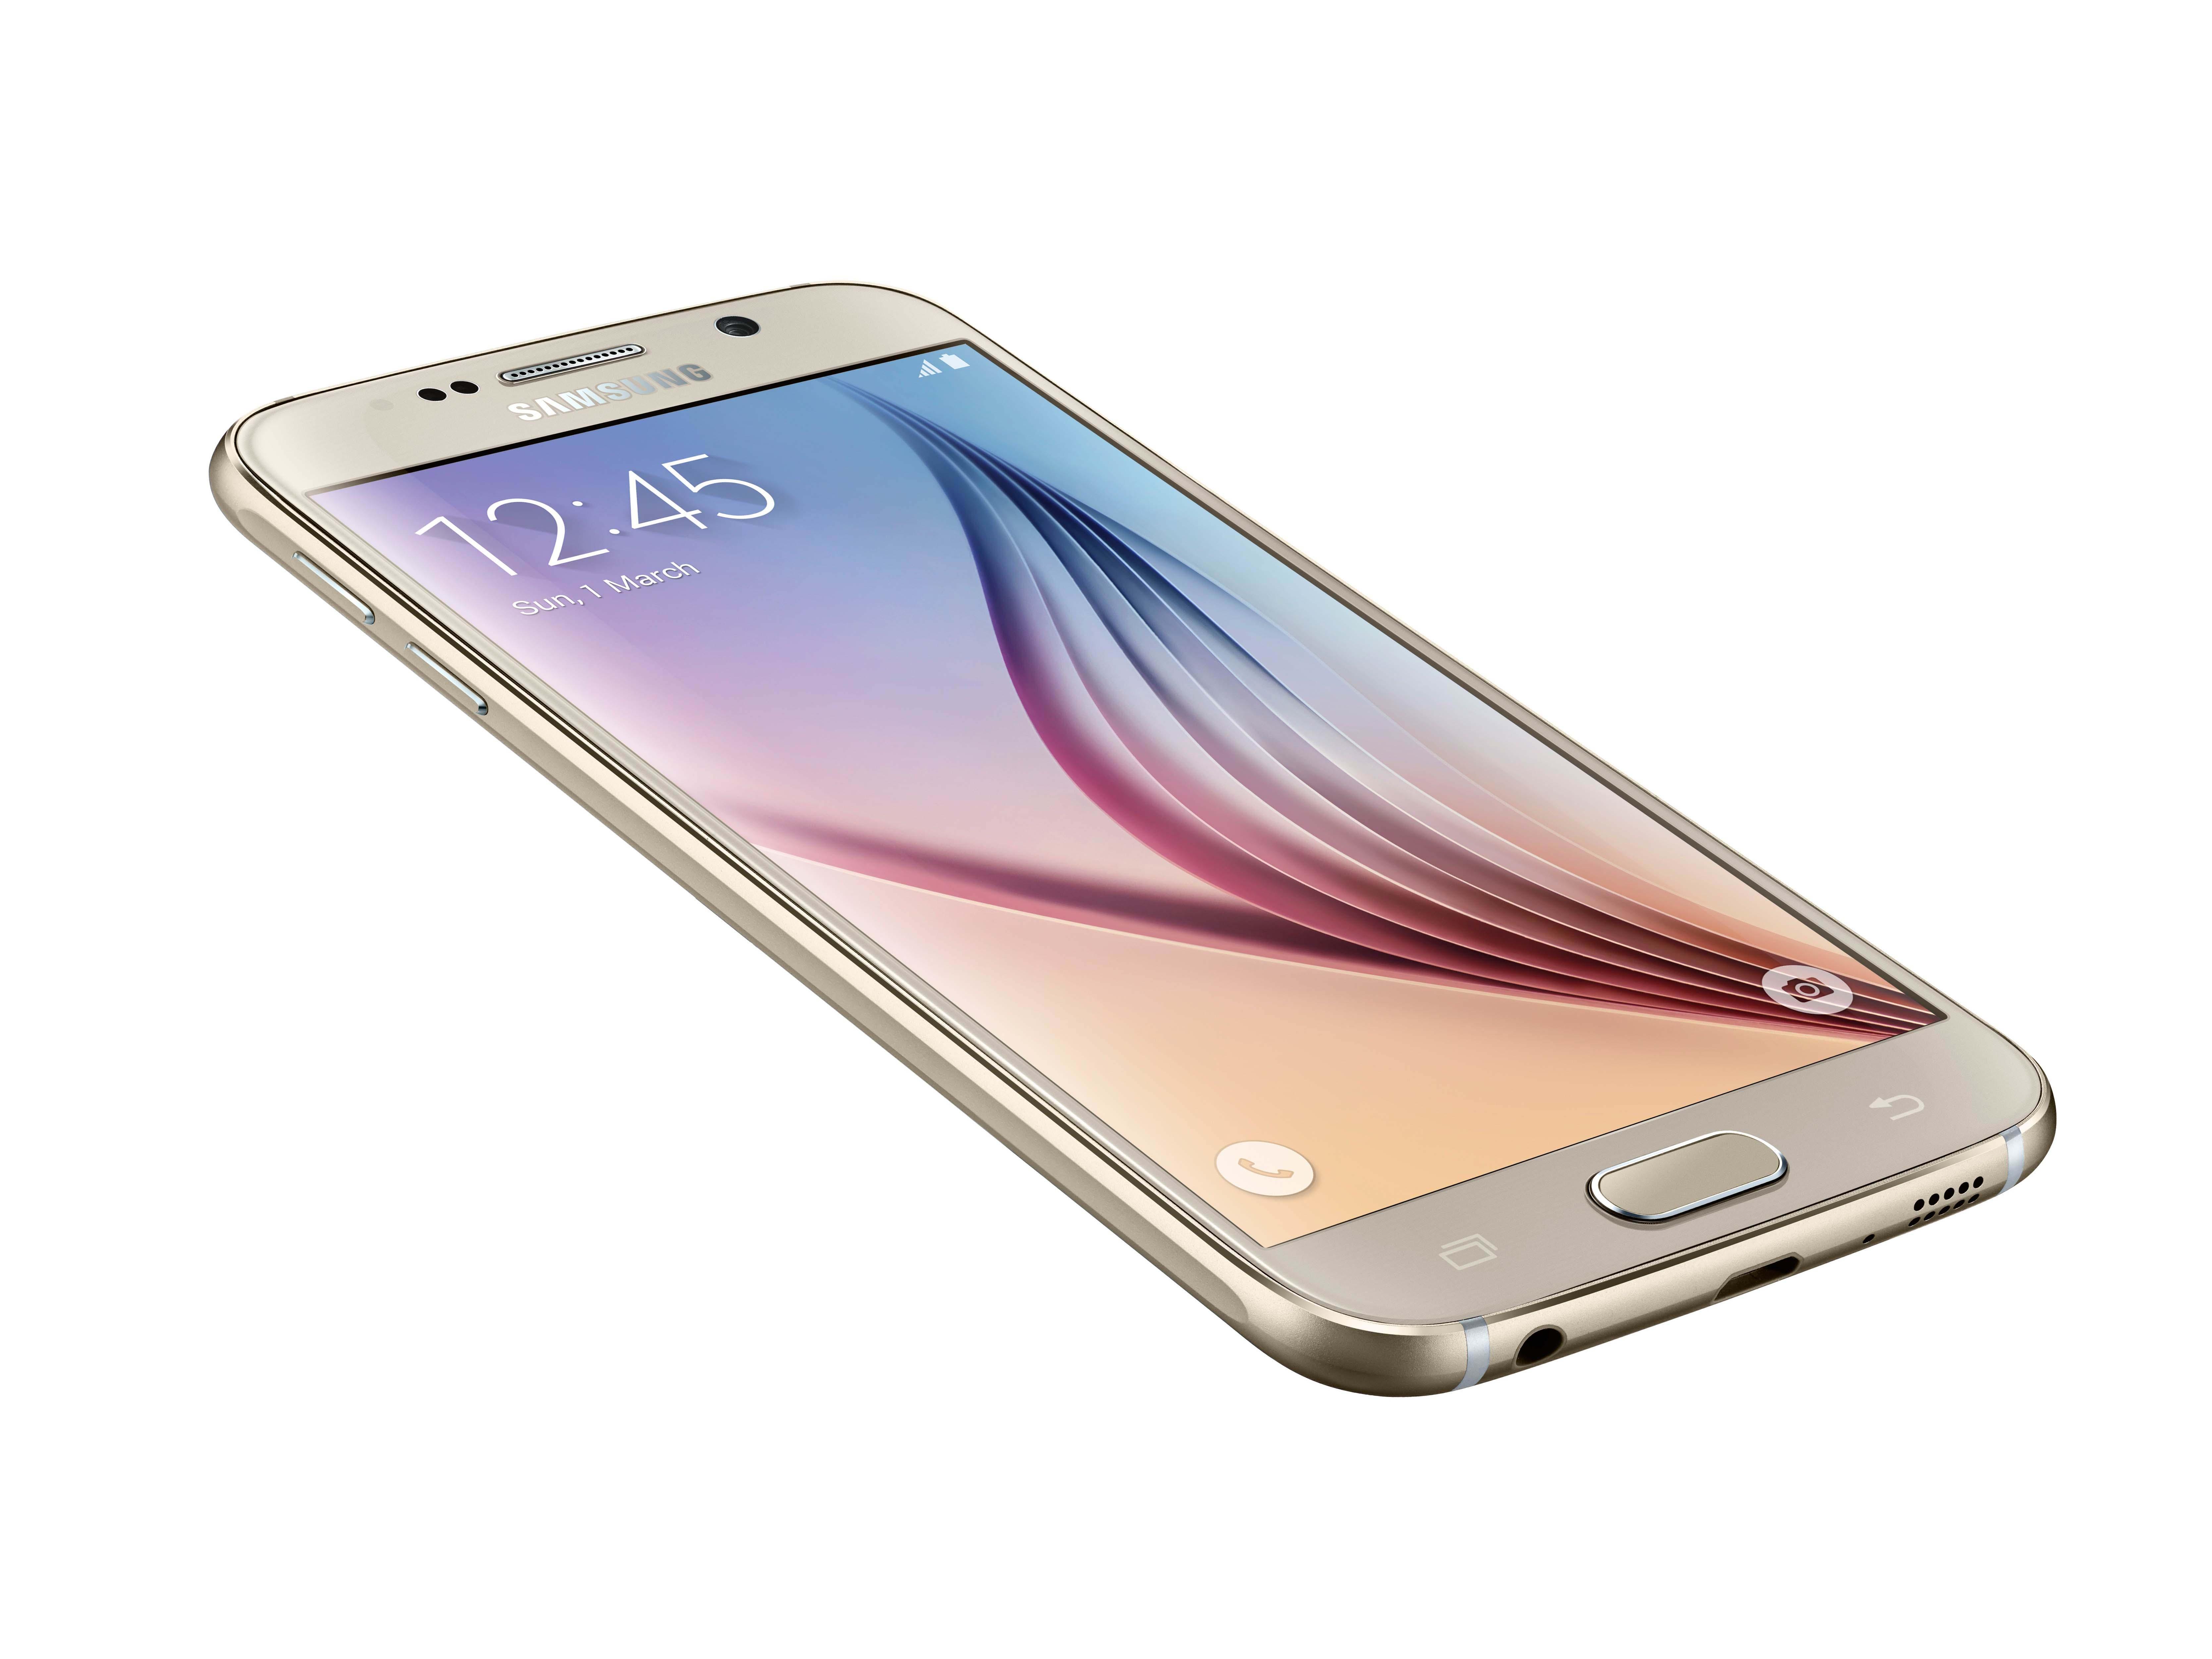 Samsung Galaxy S6 Erscheinung